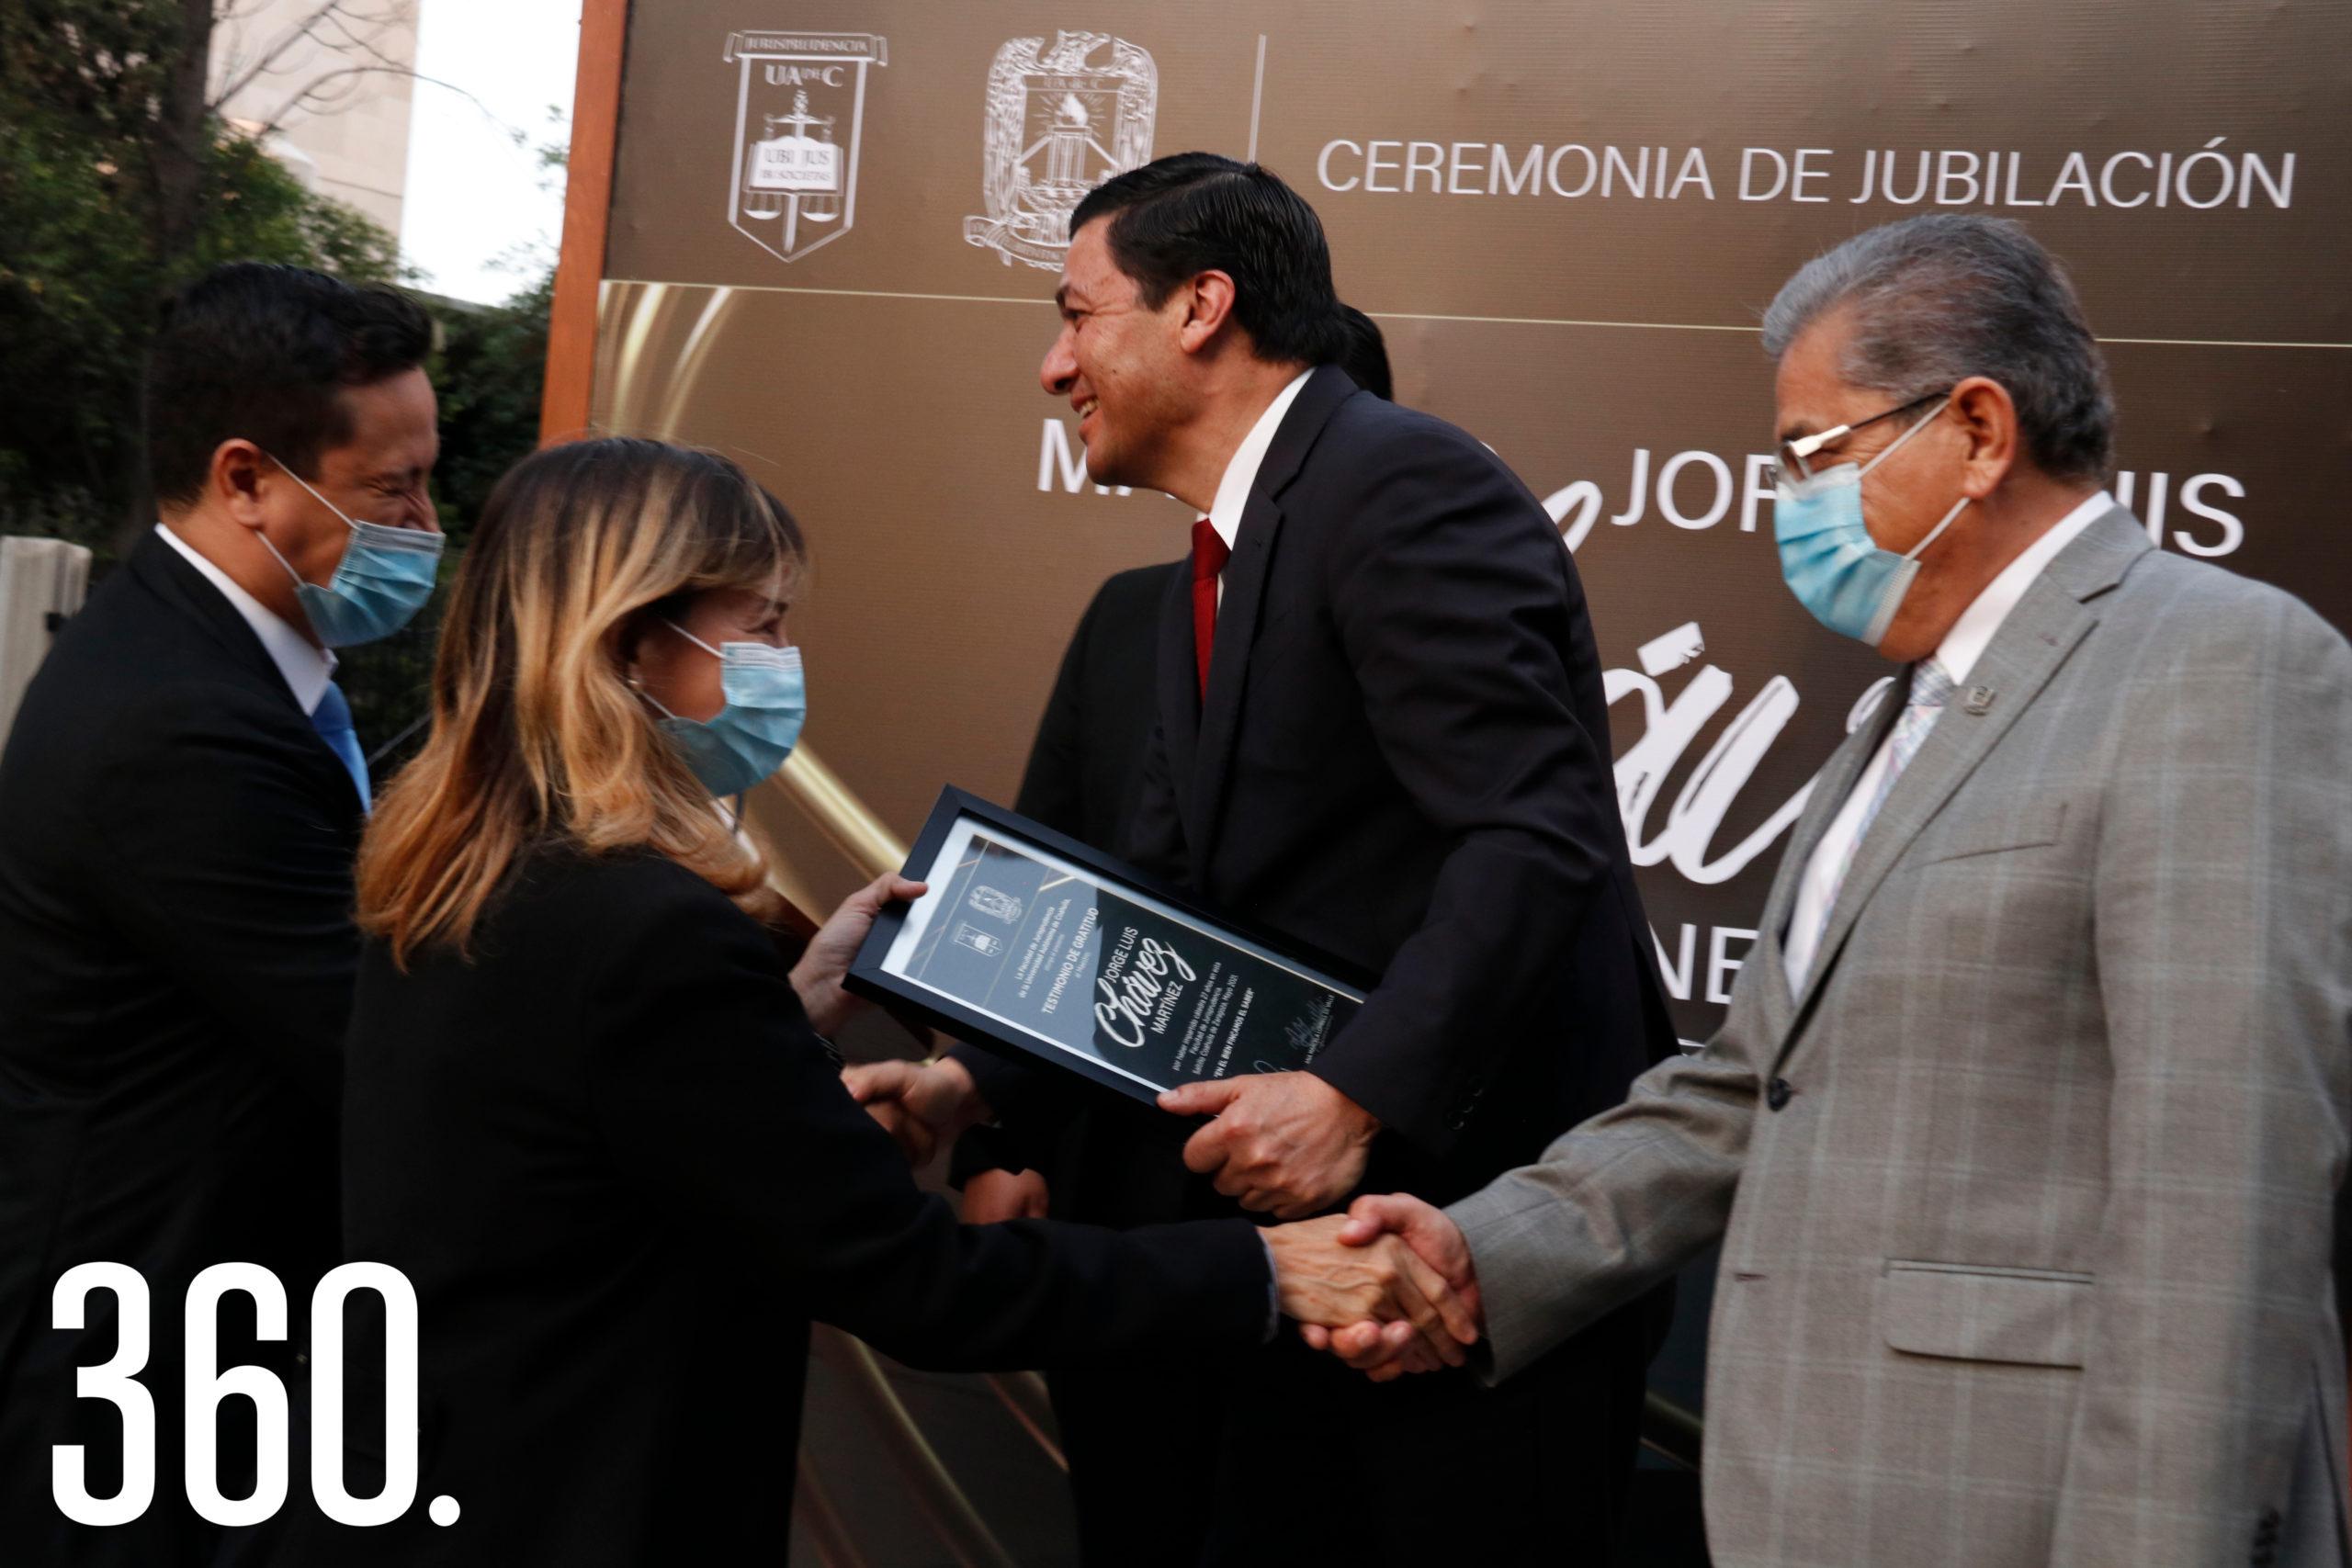 Compañeros maestros entregaron a Jorge Chávez un Testimonio de Gratitud, por sus 27 años ininterrumpidos en la Facultad de Jurisprudencia.